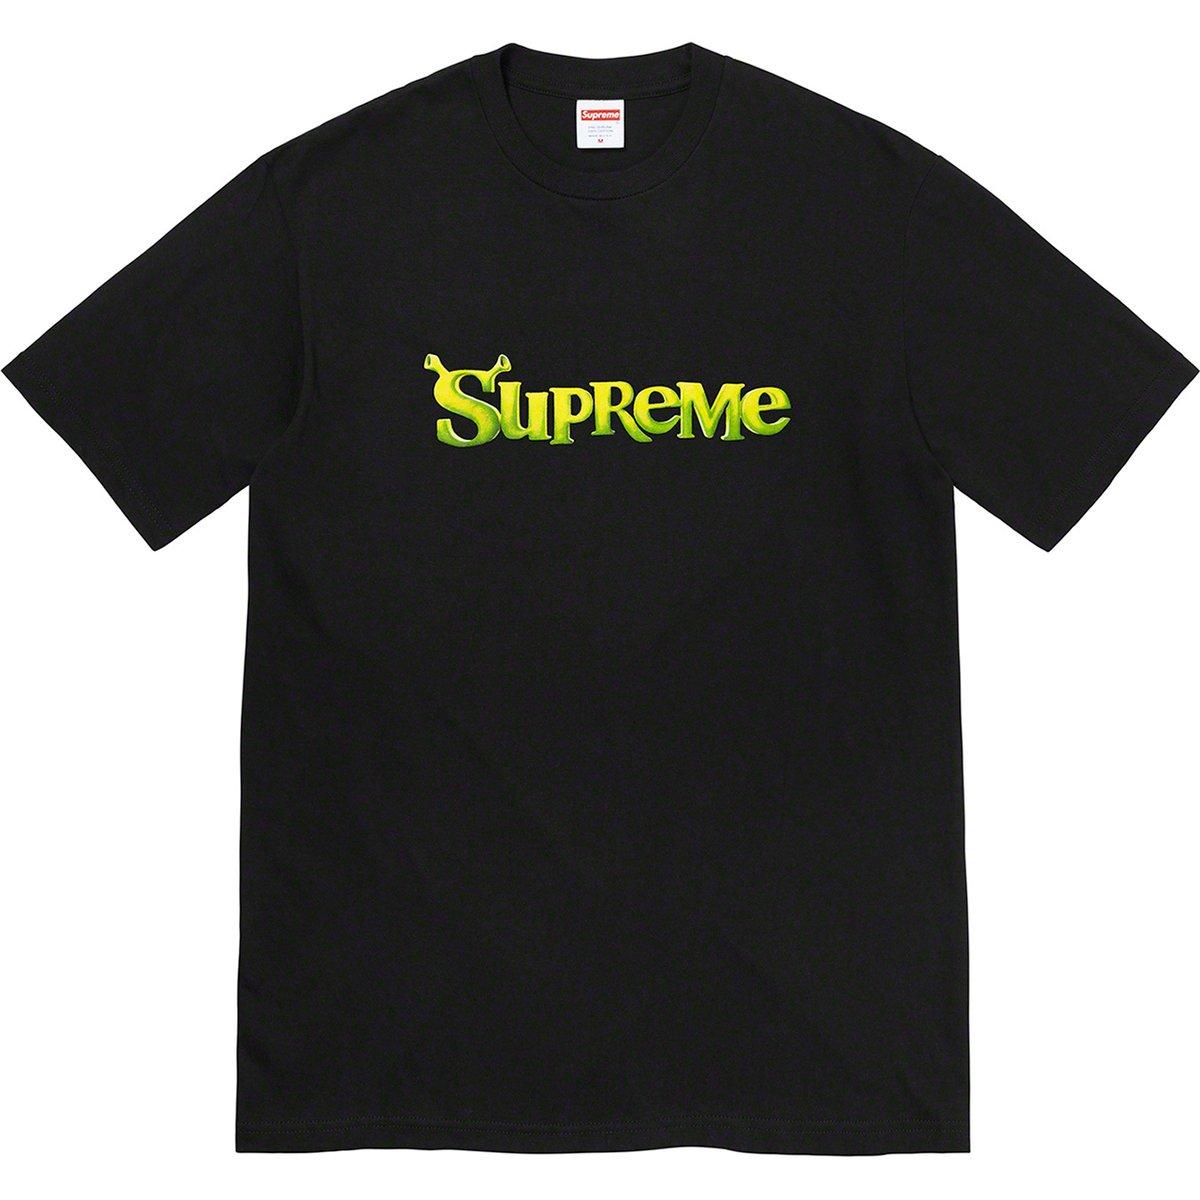 Image of SUPREME Shrek Tee